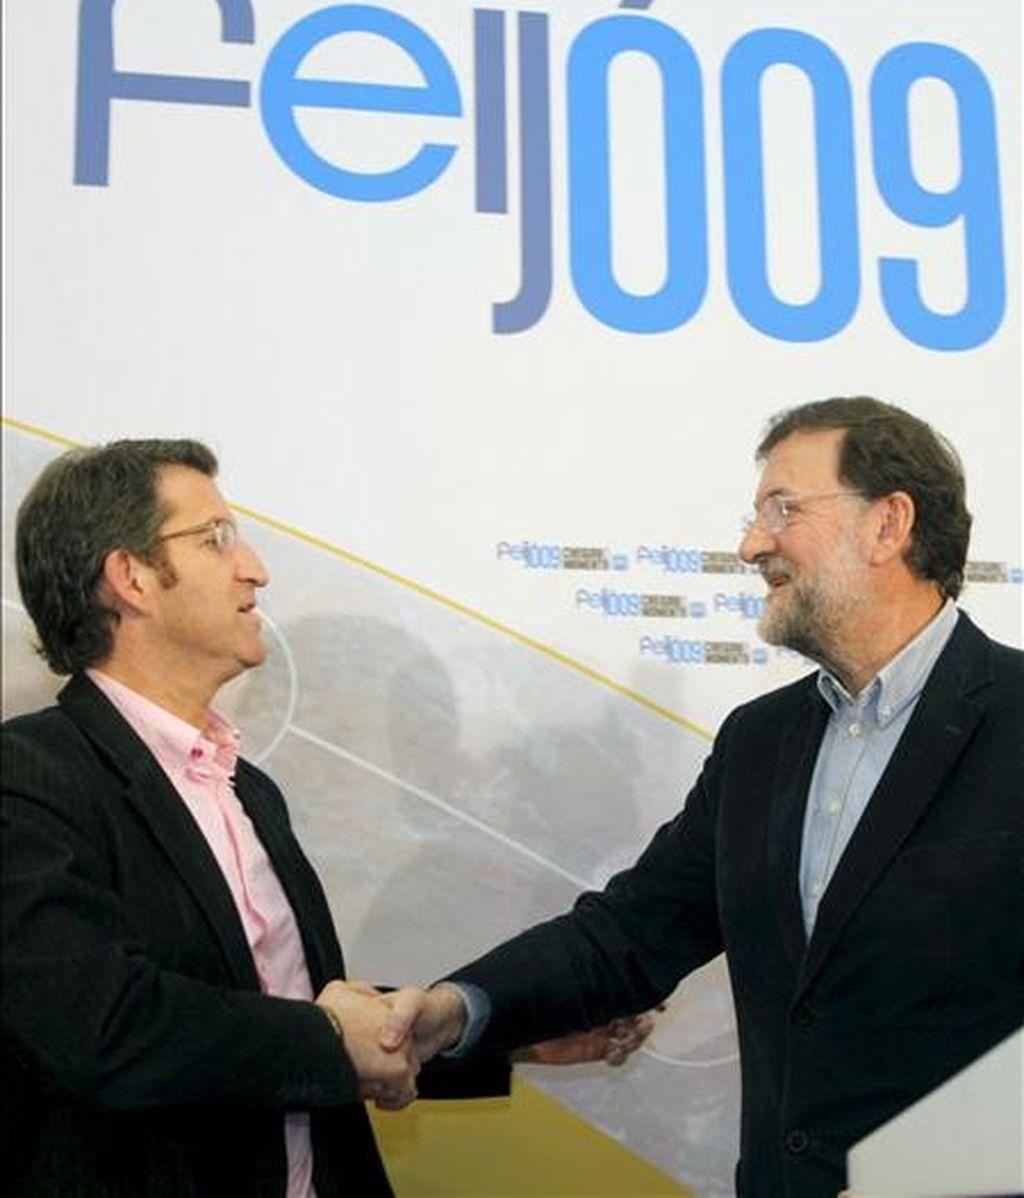 El presidente del Partido Popular, Mariano Rajoy (d), y el candidato a la presidencia de la Xunta de Galicia, Alberto Núñez Feijóo (i). EFE/Archivo